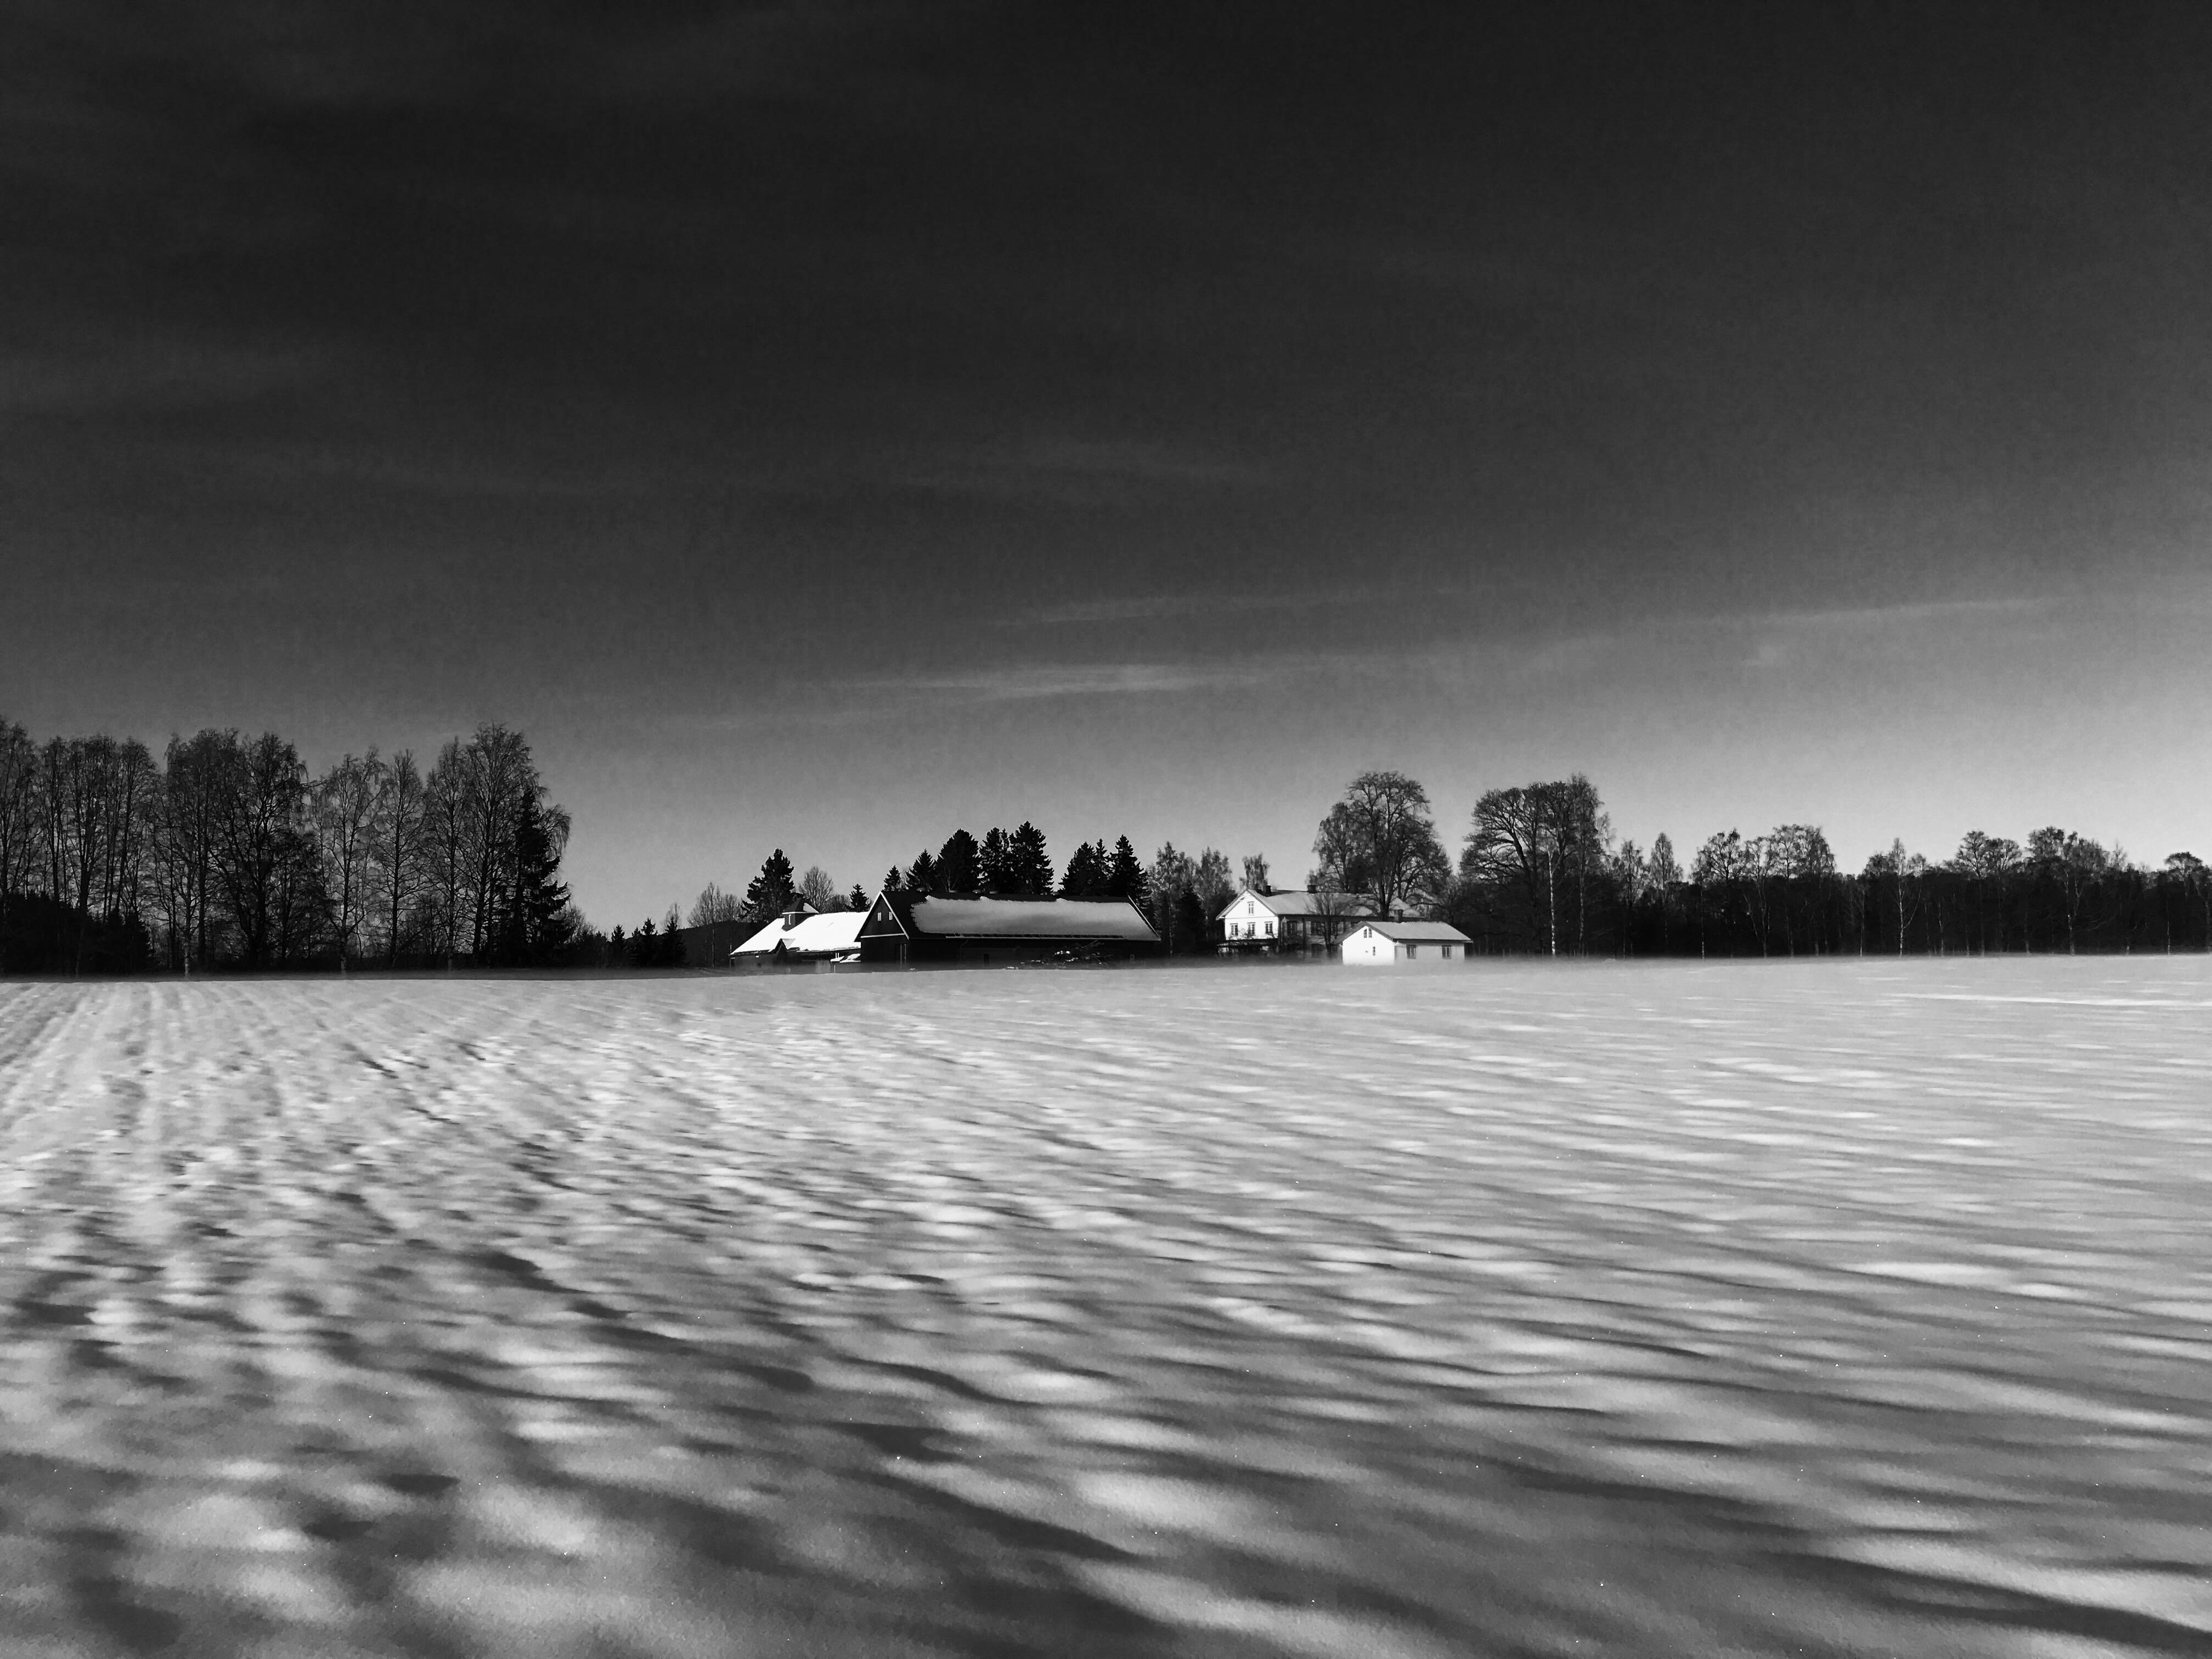 Veset i snølandskap. Foto: Even Gulbrandsen